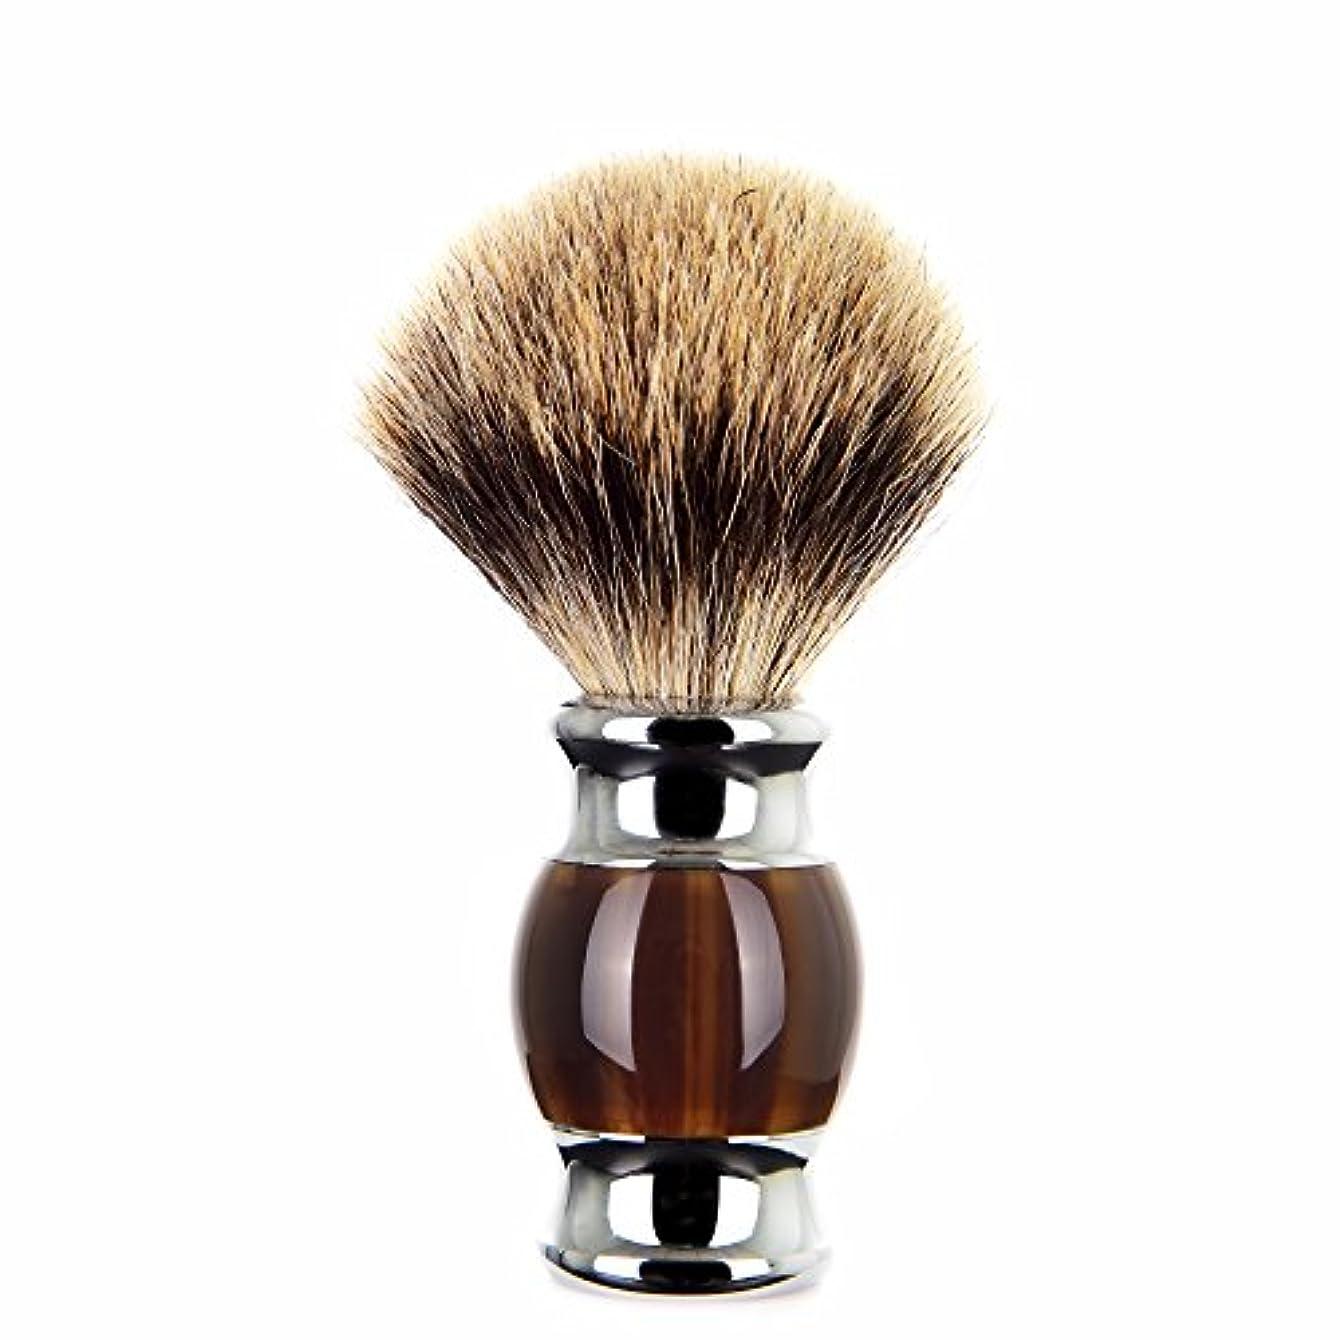 褒賞エスカレートであるEdow シェービングブラシ高級silvertipアナグマ シェービング 任意 方法 用 重い合金基材と人間工学的ハンドル 備えたブラシ毛。